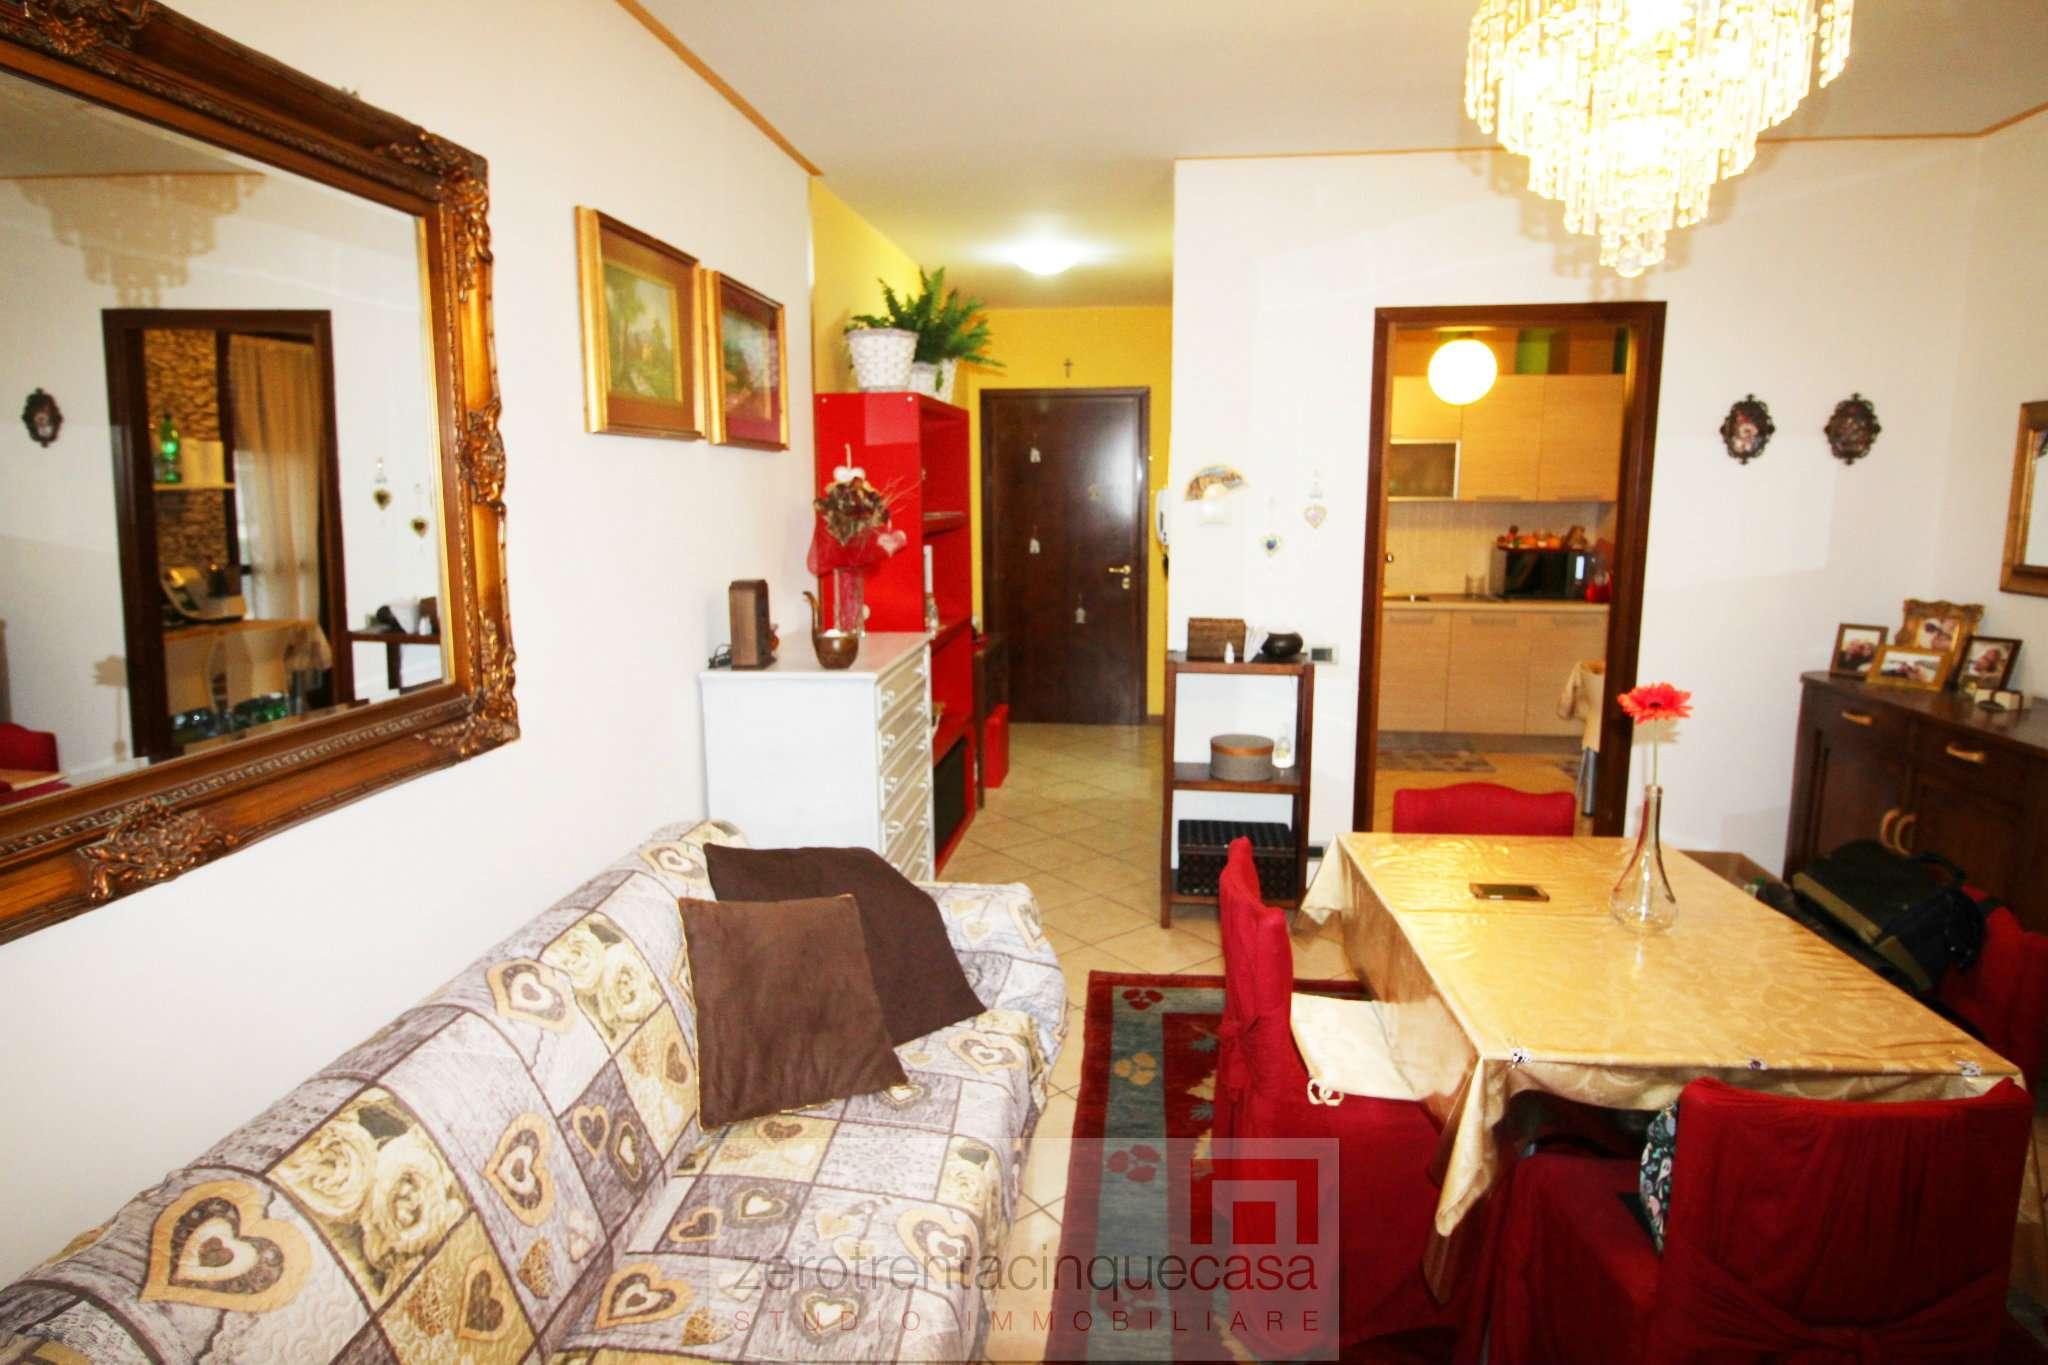 Appartamento in vendita a Levate, 3 locali, prezzo € 99.000 | CambioCasa.it